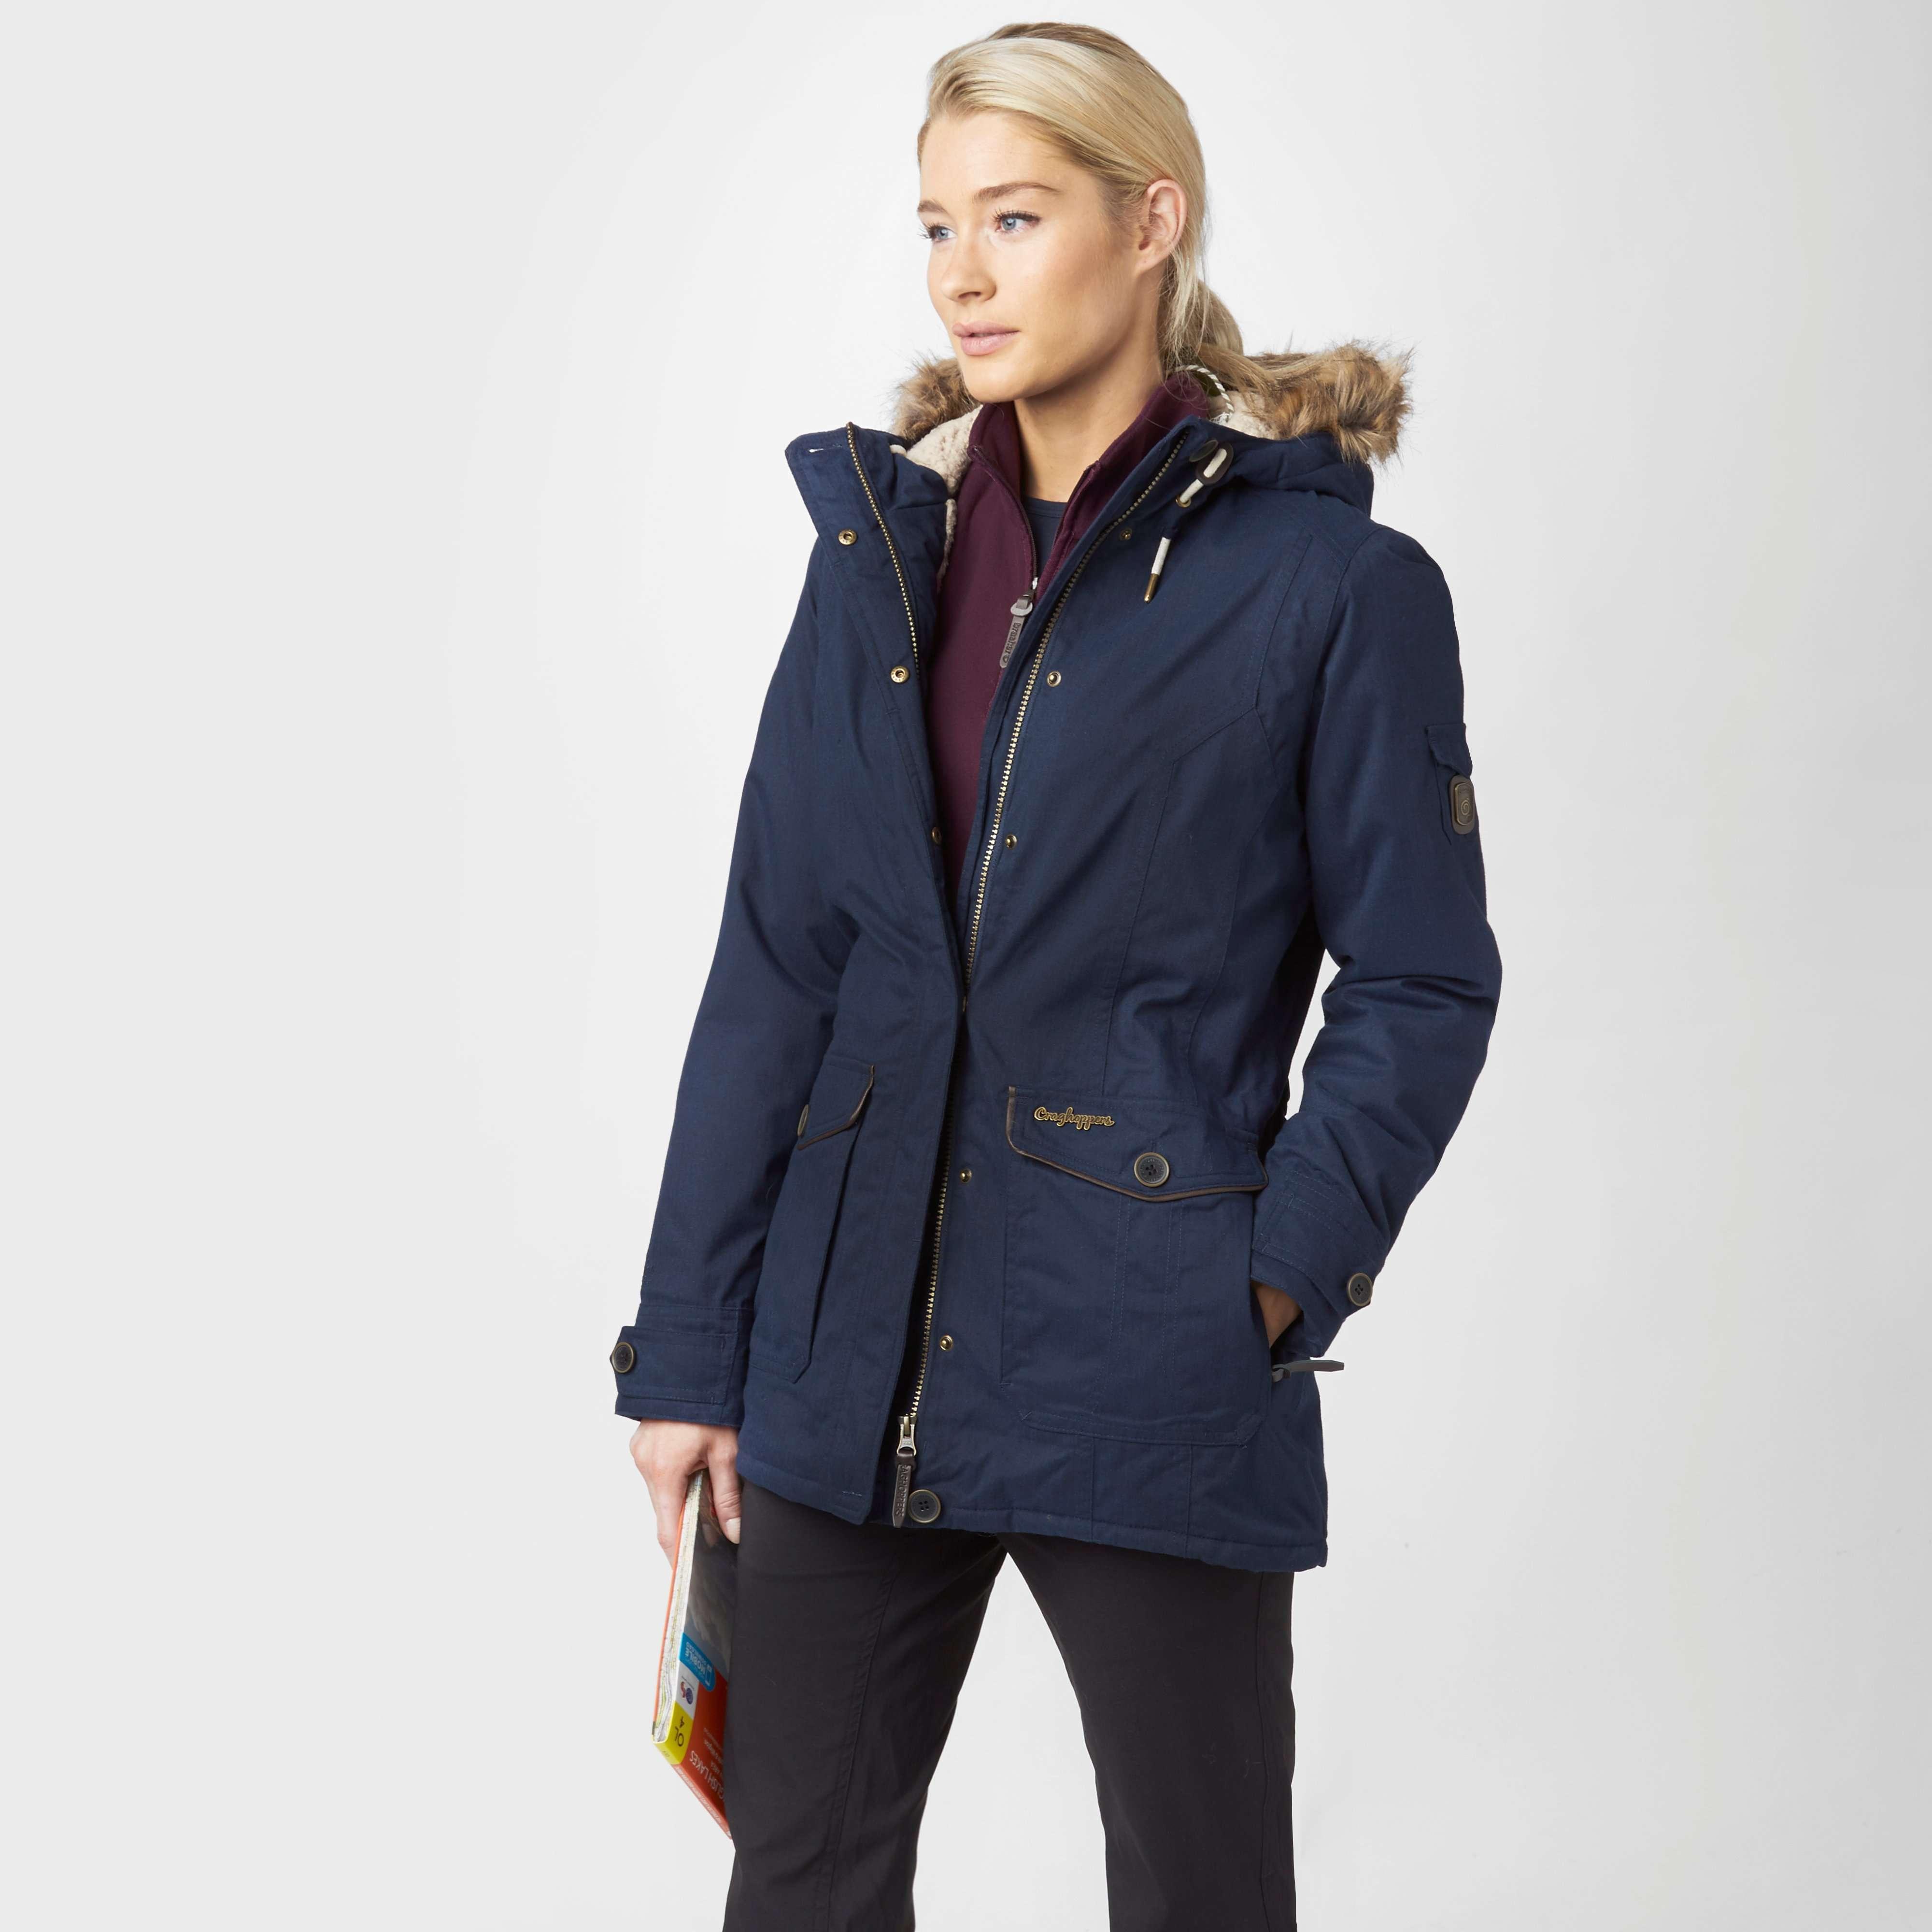 CRAGHOPPERS Women's Burley Waterproof Jacket